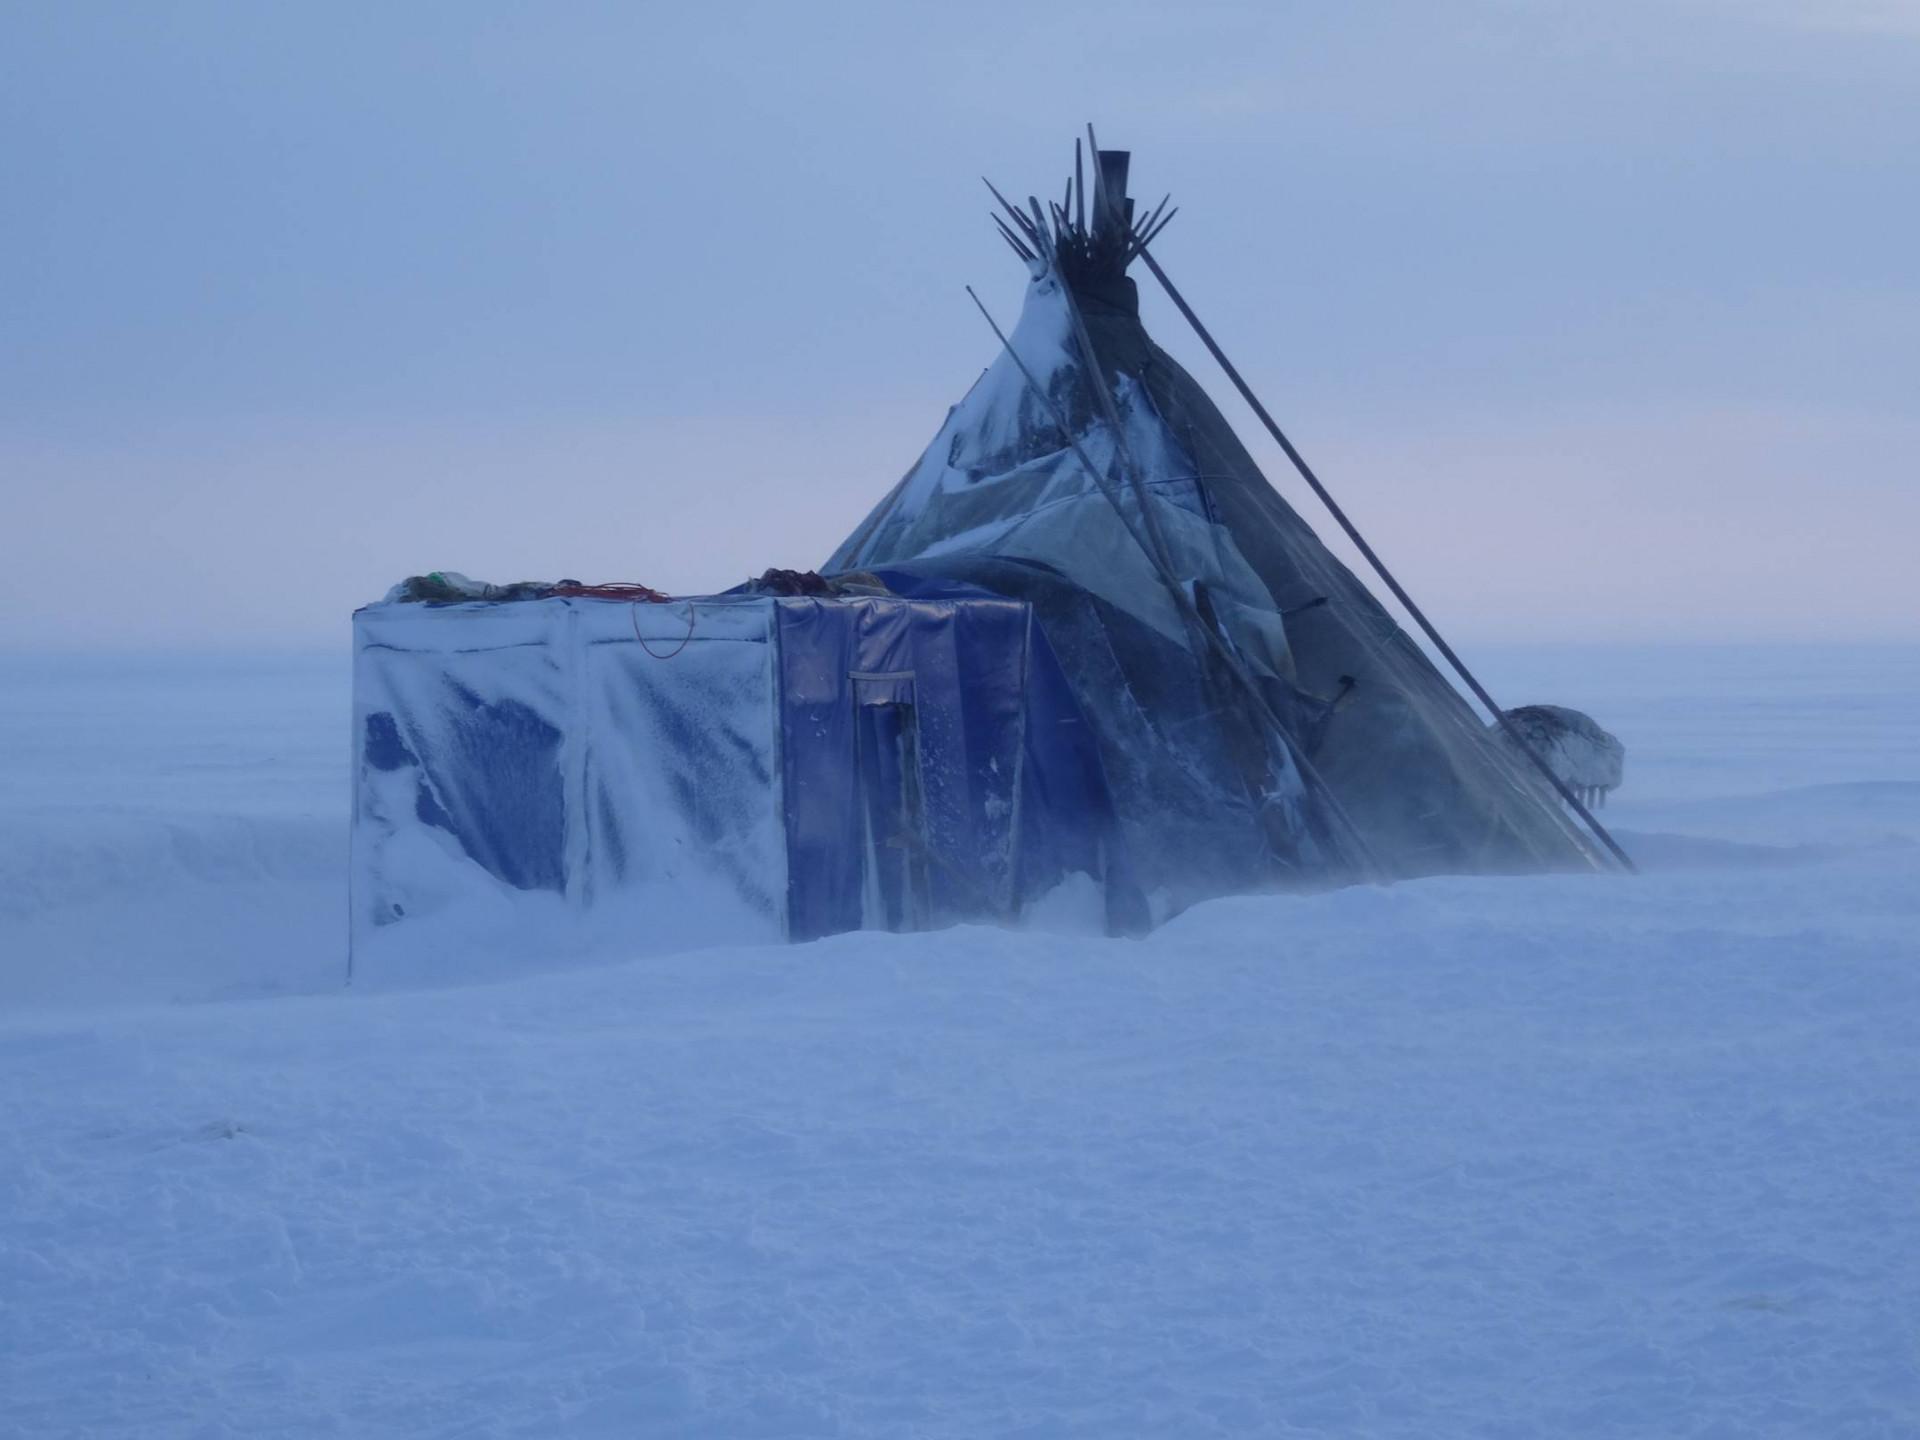 Tält i snöigt landskap. Foto: Dmitry Arzyutov